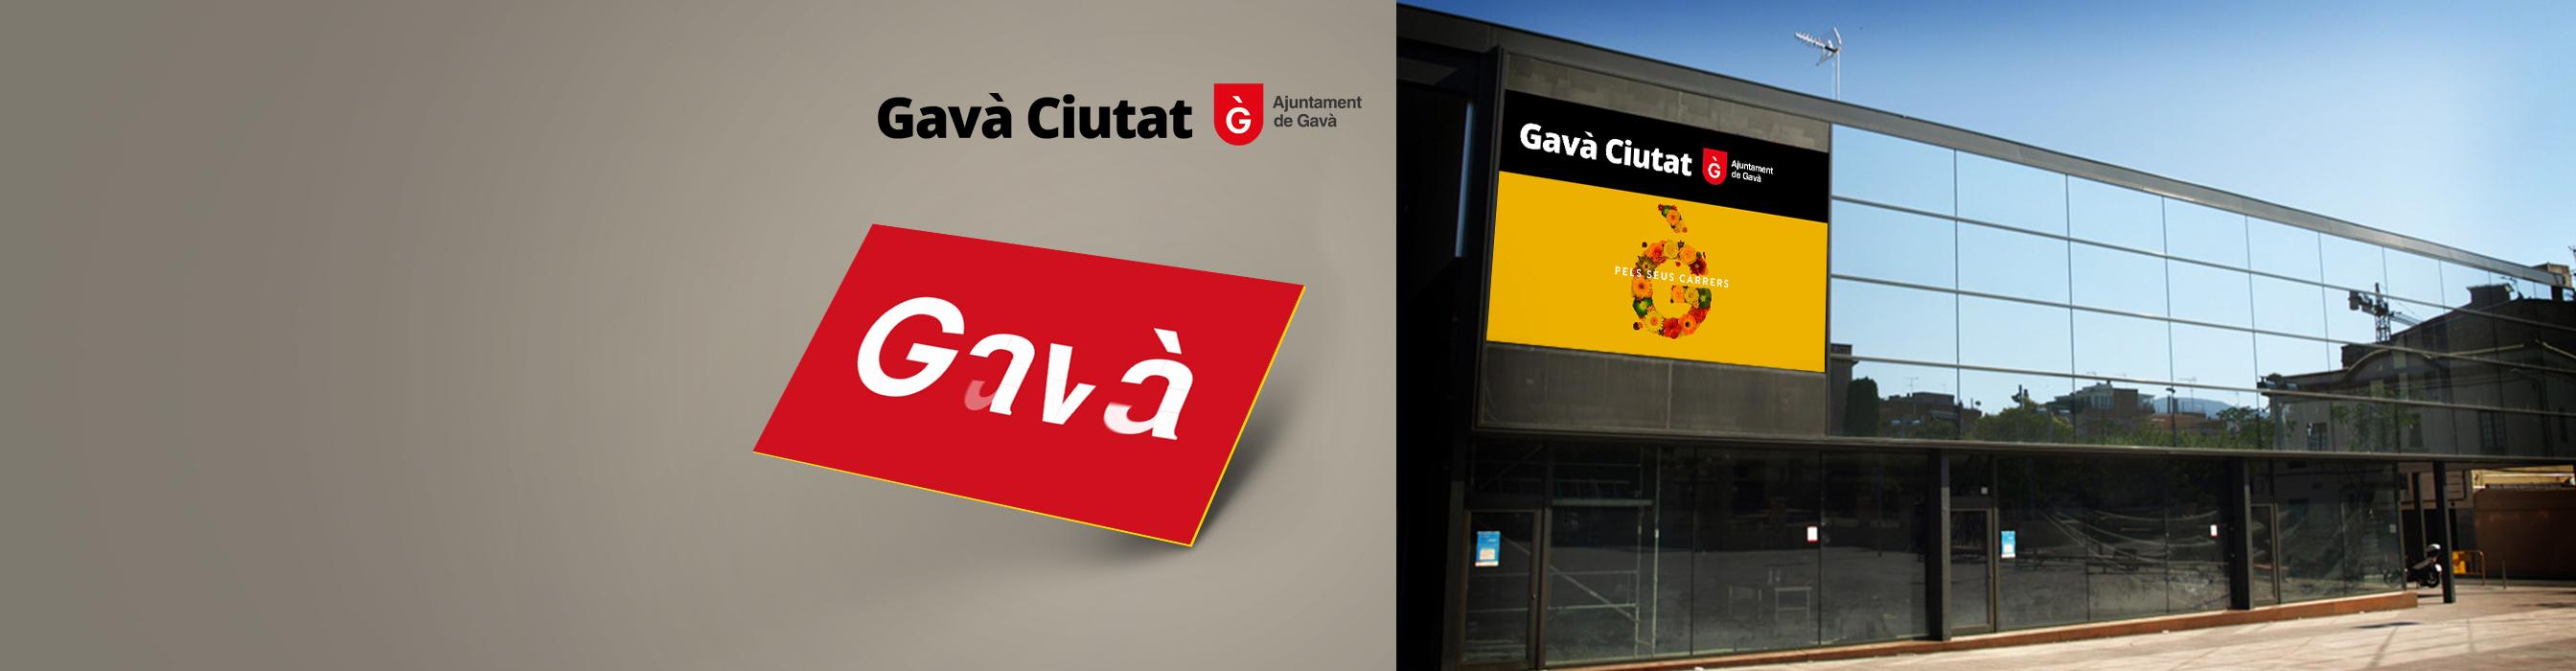 2688x700 Gava